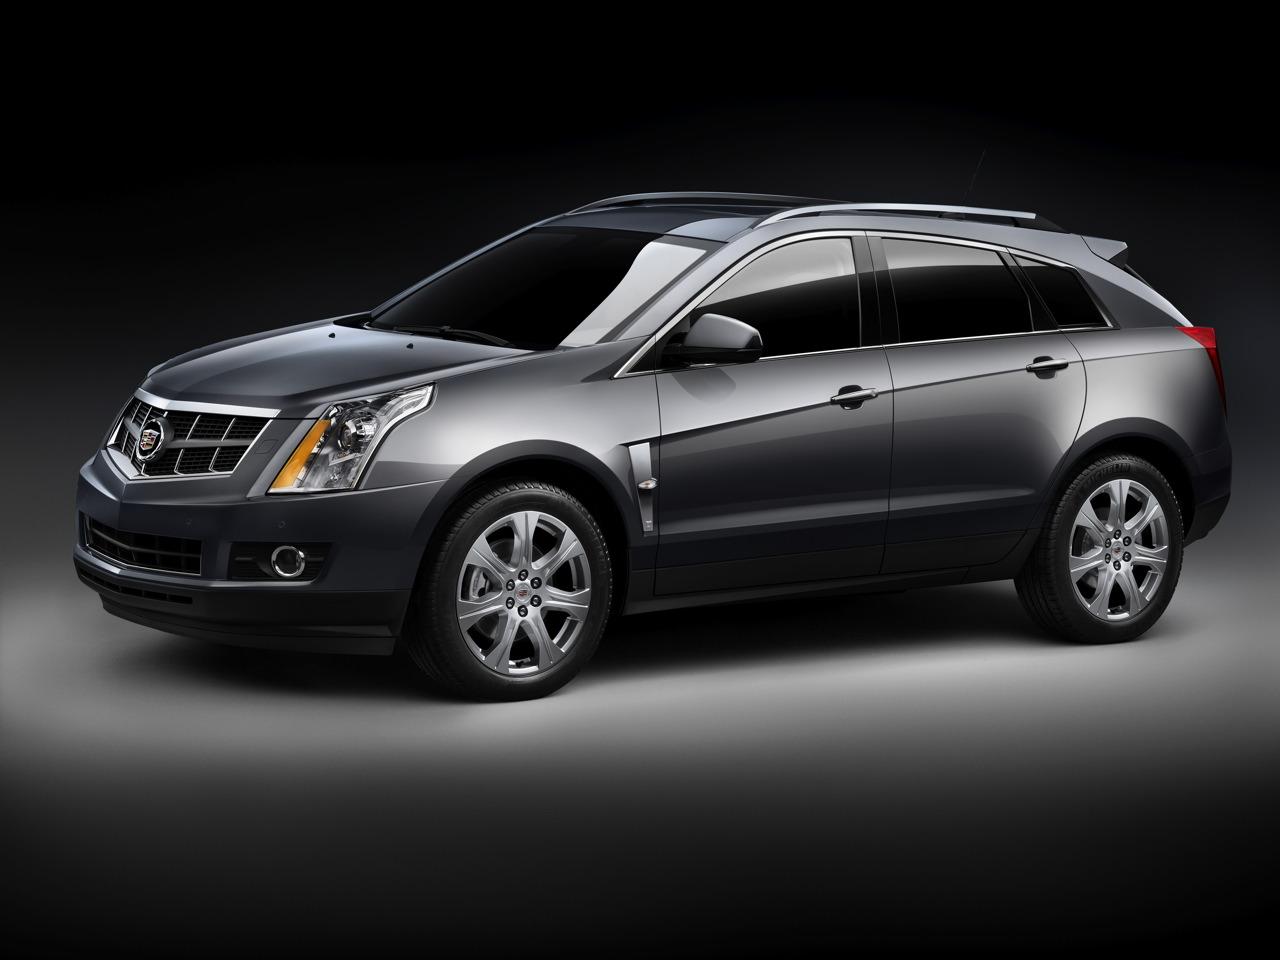 http://2.bp.blogspot.com/_zkp6_xoBxfY/TA4NmXJYTnI/AAAAAAAAIFU/eslusDJyA5Q/s1600/2010+Cadillac+SRX-1.jpg